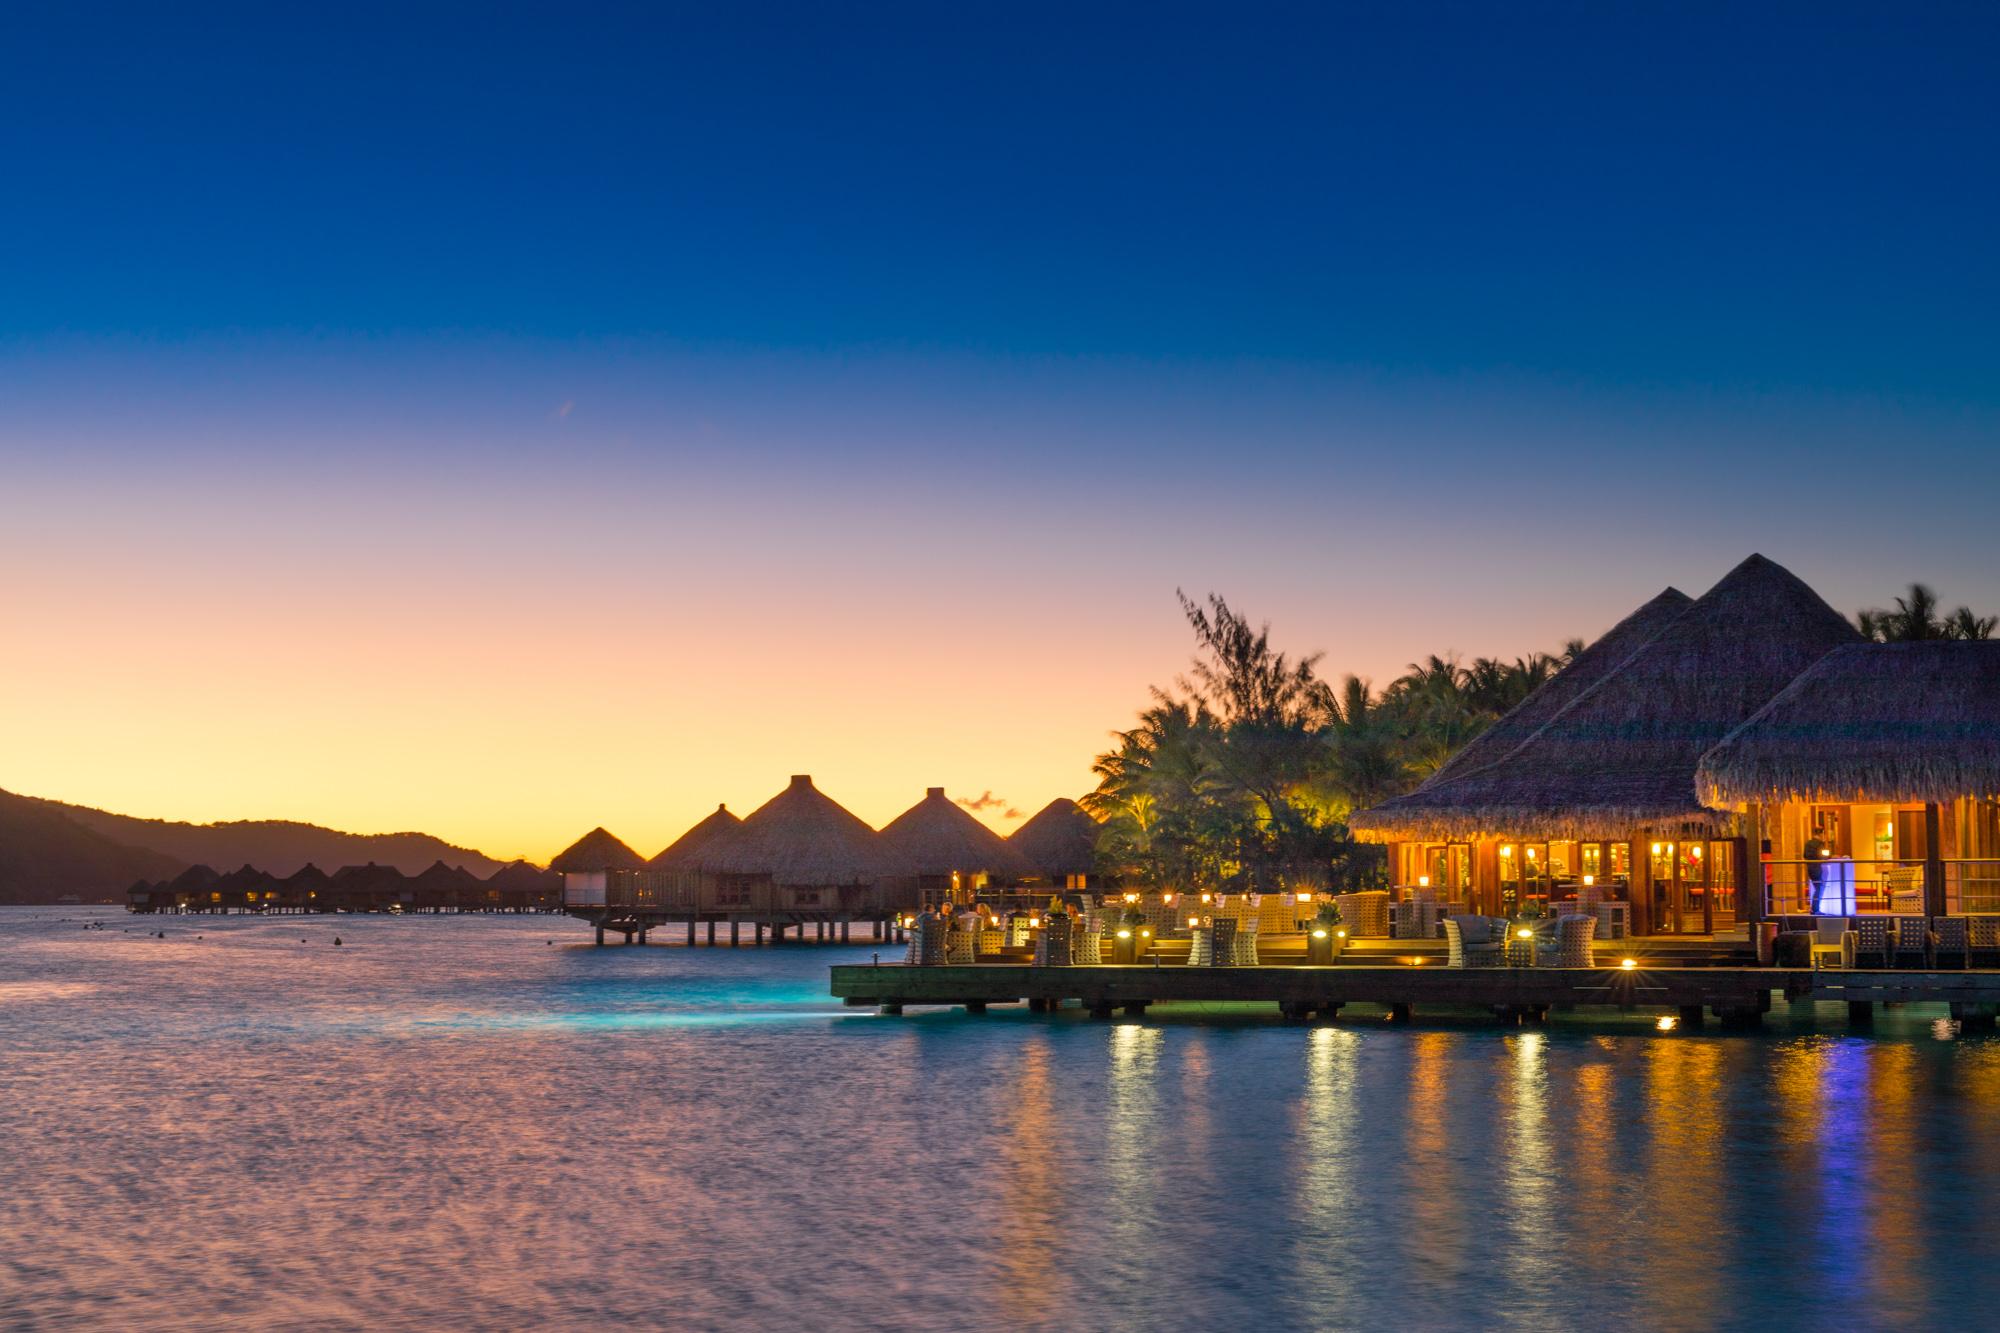 https://tahititourisme.kr/wp-content/uploads/2017/08/Lagoon-Restaurant.jpg